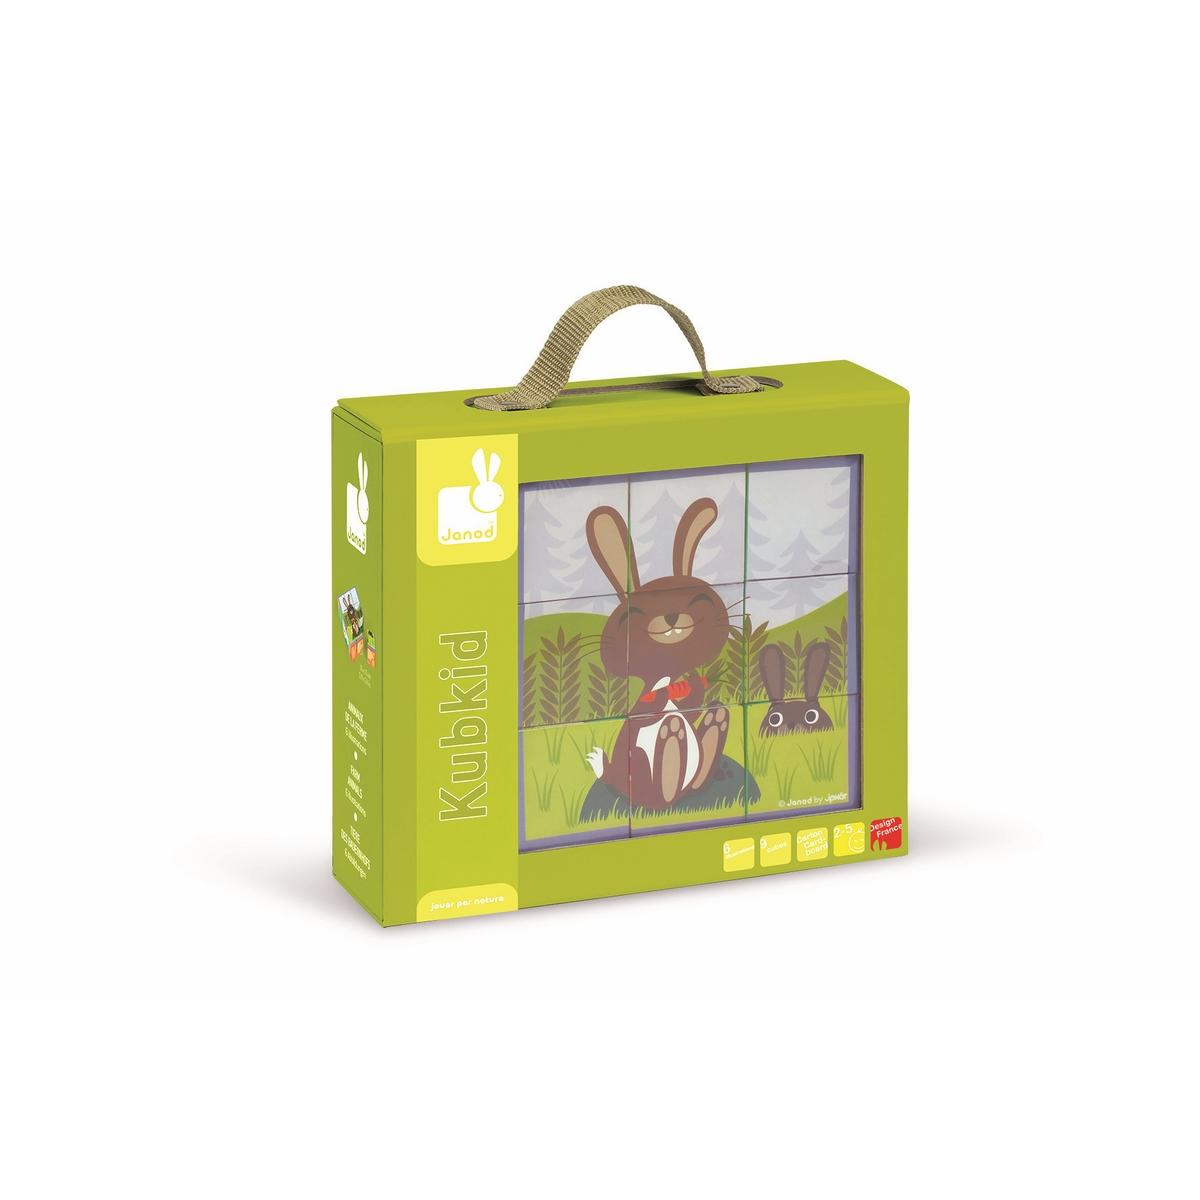 Janod Кубики Животные фермыJ02989Самые натуральные и безопасные игрушки для малышей и детей постарше премиум-класса. Все игрушки и игровые наборы сделаны из натуральной древесины или картона. Безопасные для контакта с ребенком краски на водной основе. Игрушки выставляют на международных выставках под маркой green toys (зеленые игрушки, т.е. экологически безопасные). Изысканный французский дизайн. Превосходное качество - необыкновенно гладкая и приятная поверхность. Нежное и красивое сочетание цветов. Эксклюзивная подарочная упаковка. Совстав: 9 кубиков, размер 1 кубика 5 x 5 x 5см. На каждой из 6 сторон кубика нанесен свой рисунок. Собрав все 9 элементов правильно, ребенок познакомится с животными фермы: коровой, заичиком, свинкой, барашком, курочкой. Безопасные для контакта с ребенком краски на водной основе.